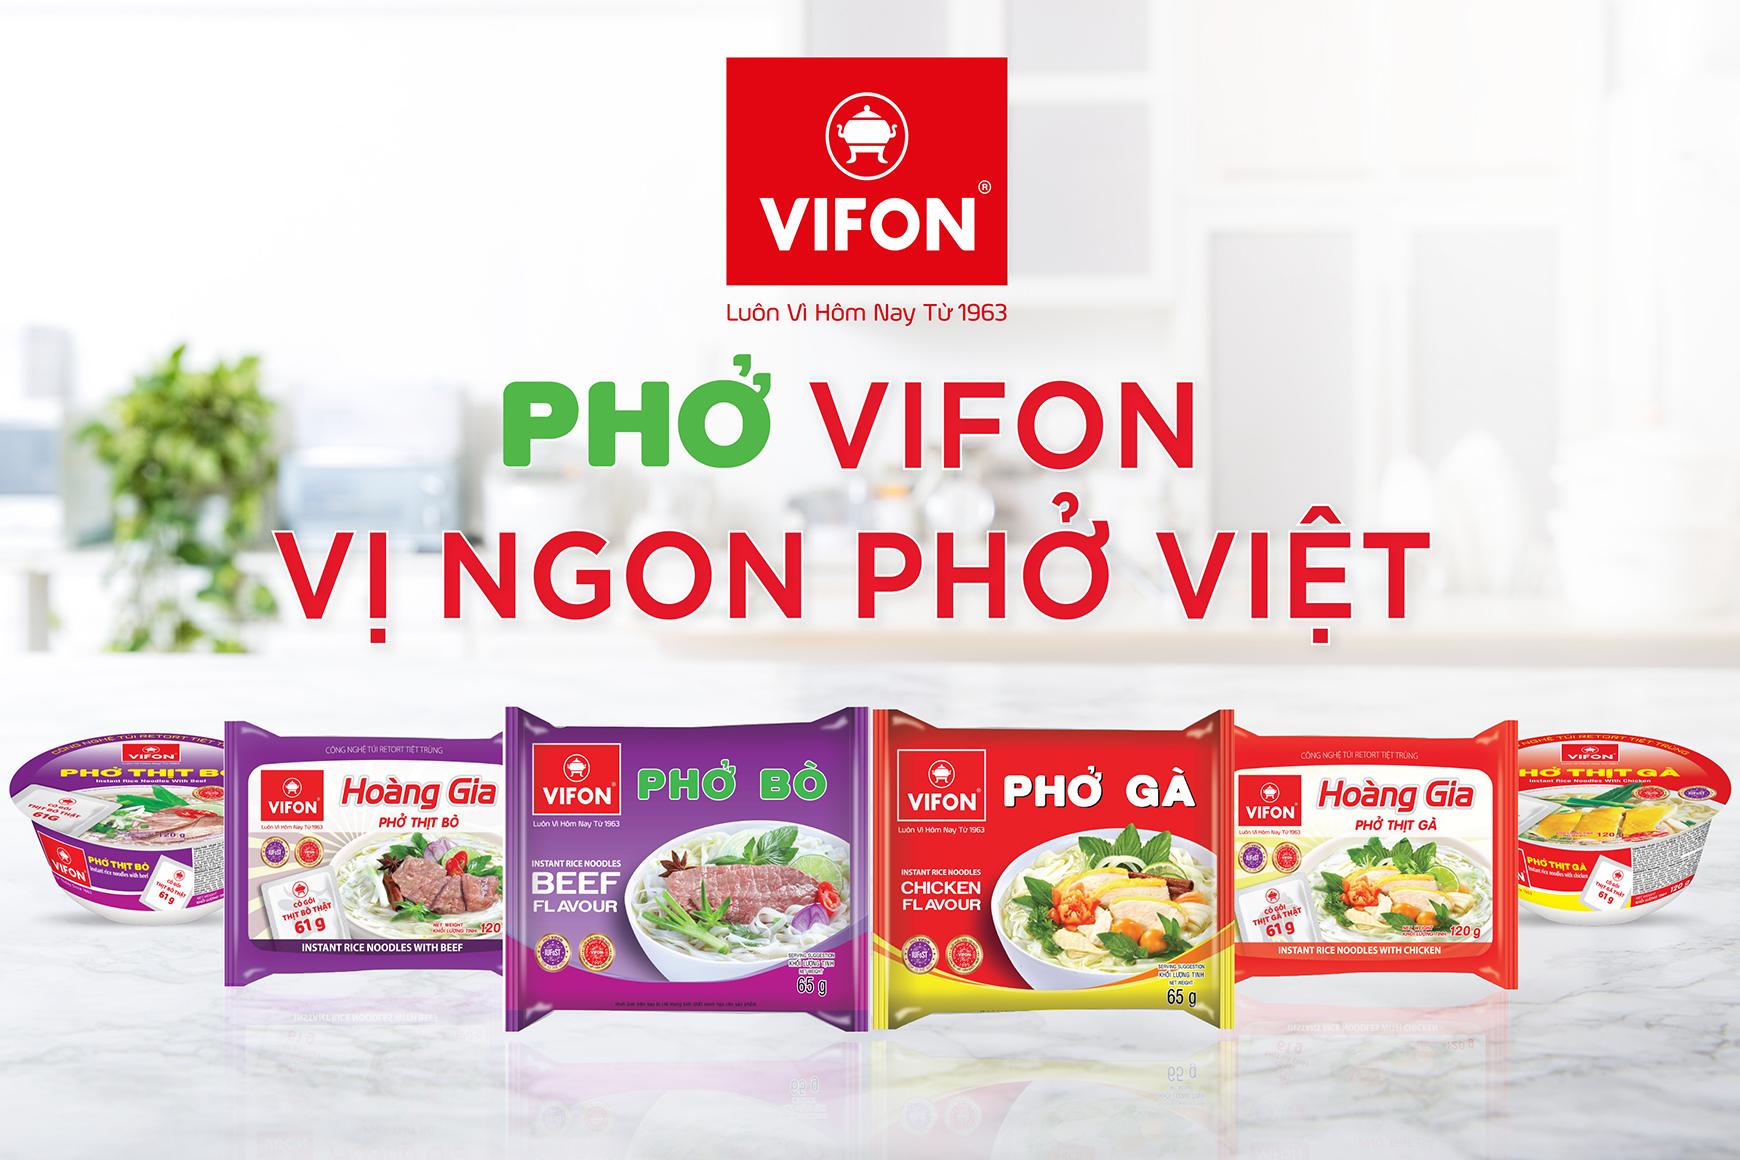 PHỞ VIFON - VỊ NGON PHỞ VIỆT